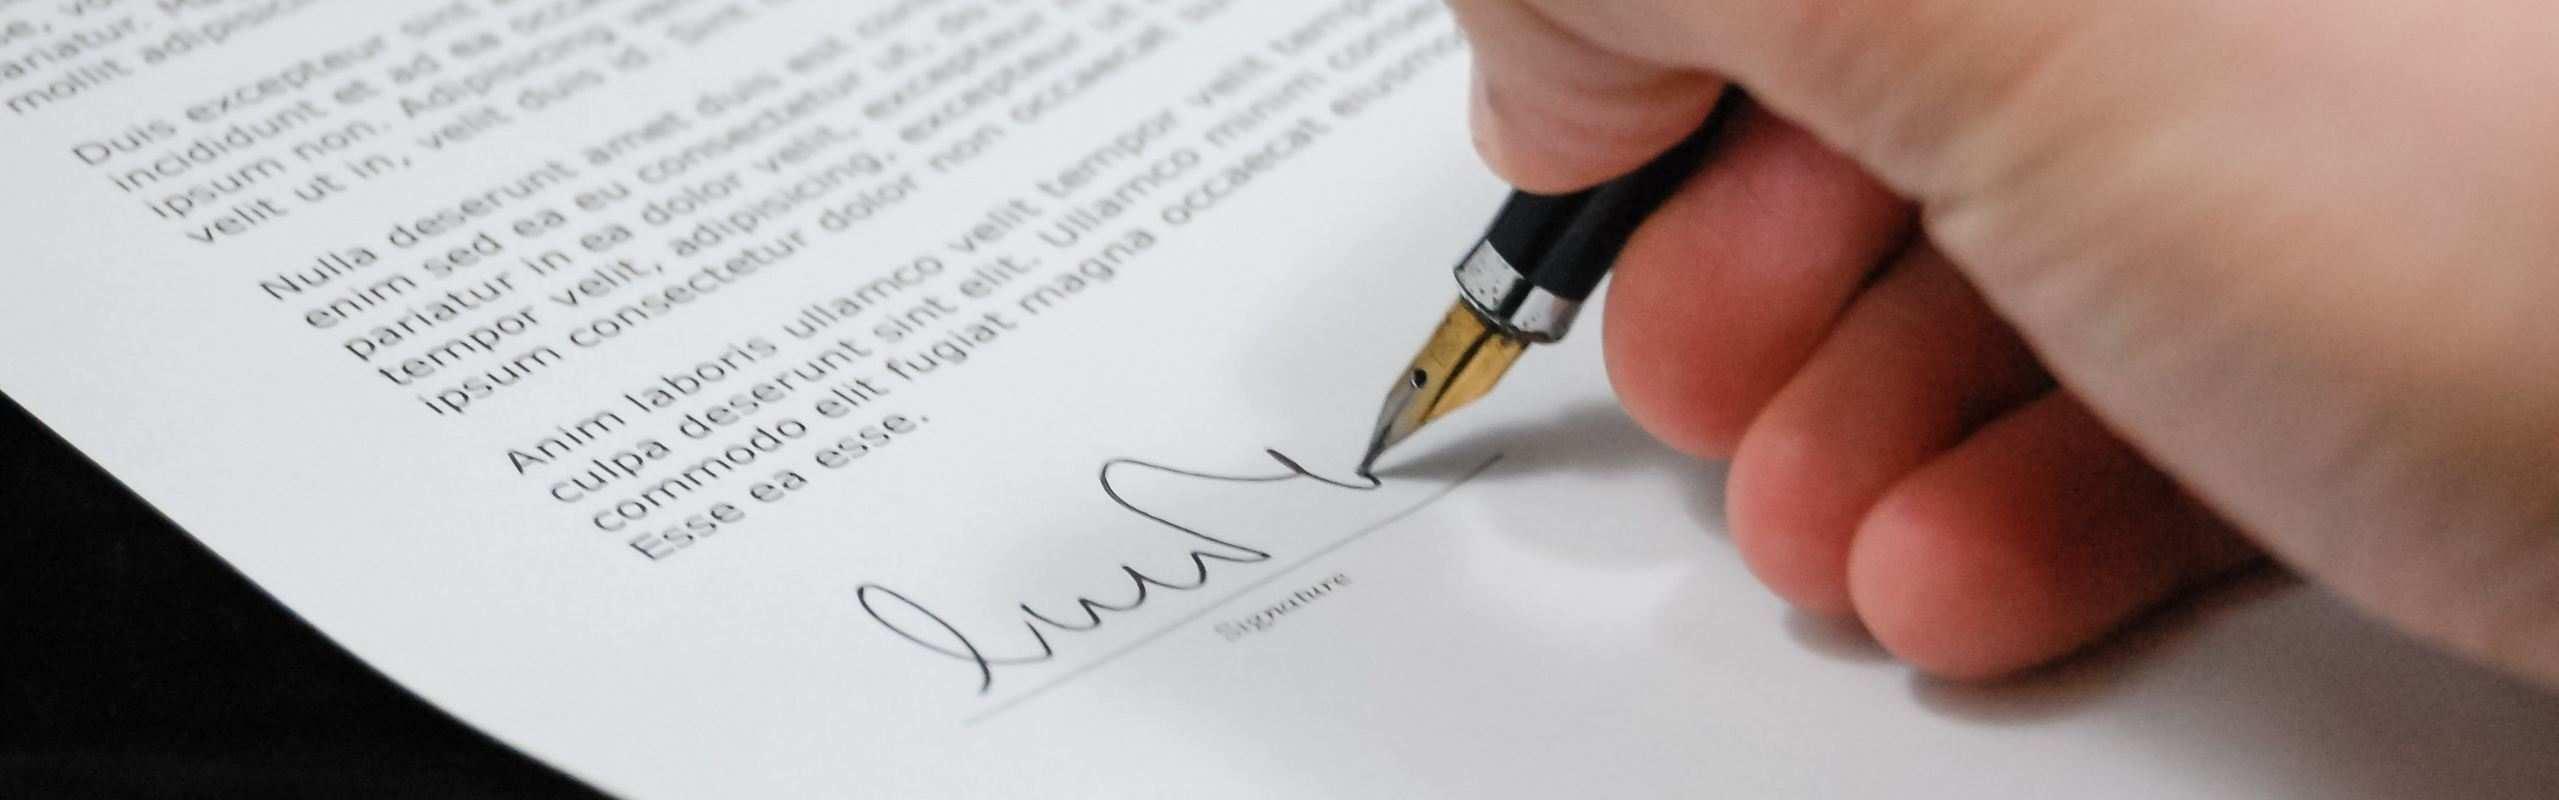 Qué es y cómo se tramita la declaración de herederos